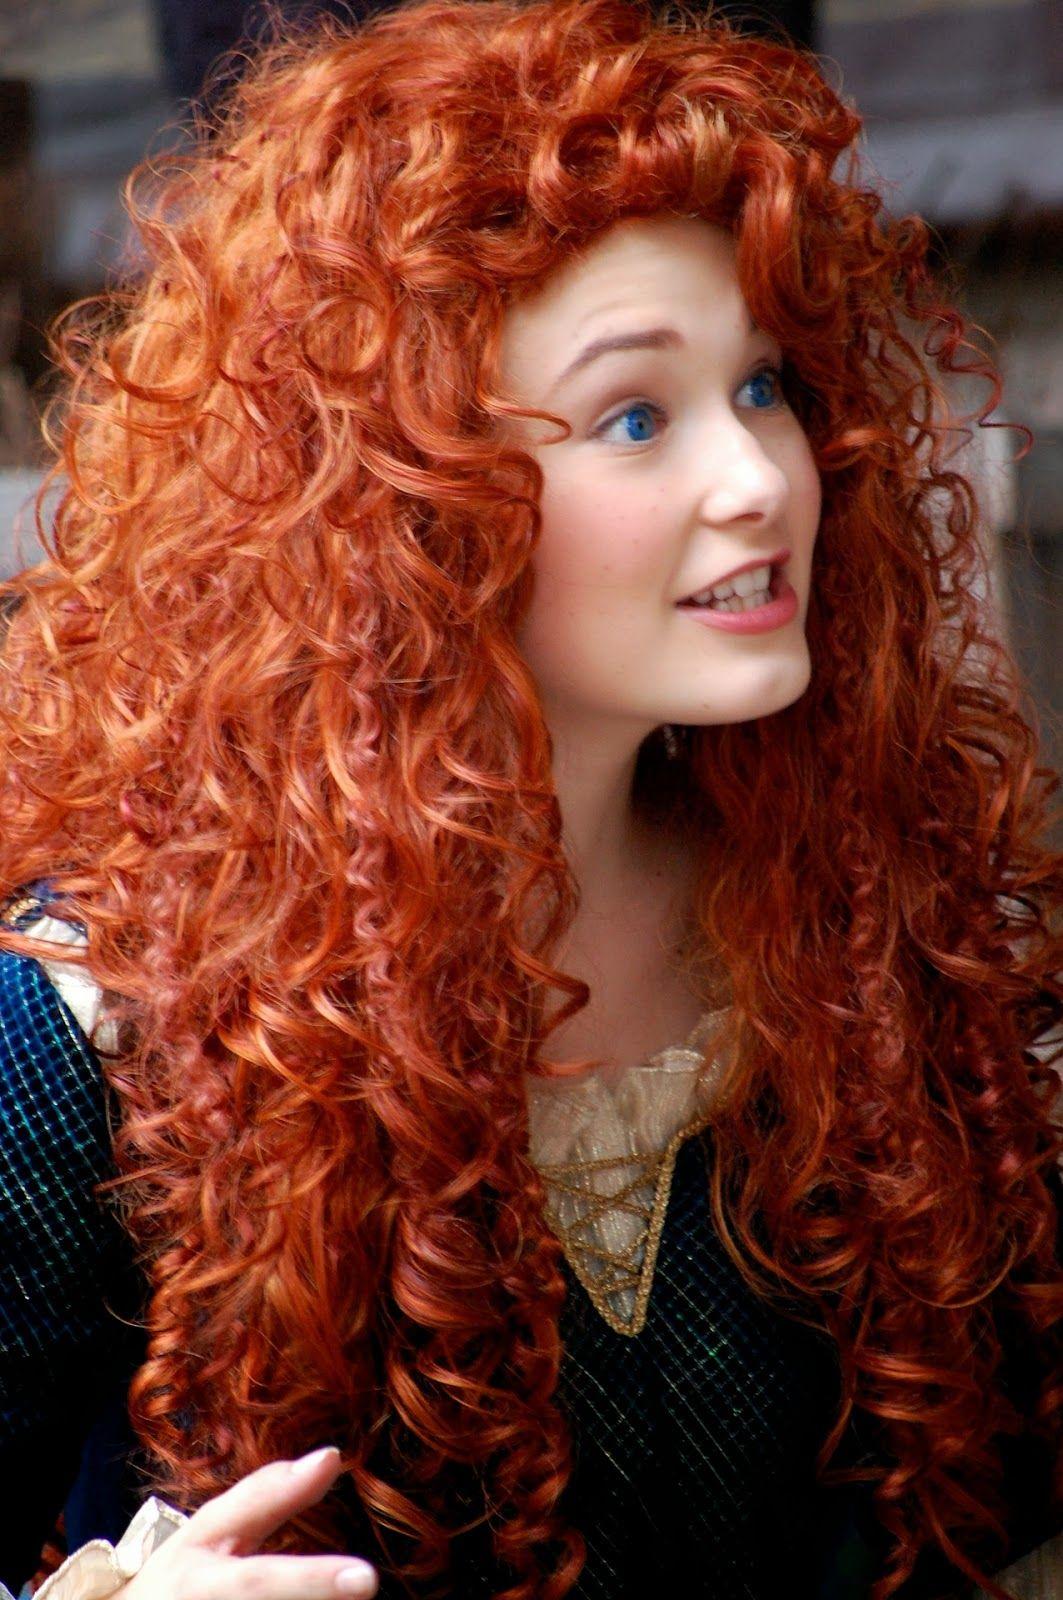 Kırmızı saçlı kız – Bölüm 4